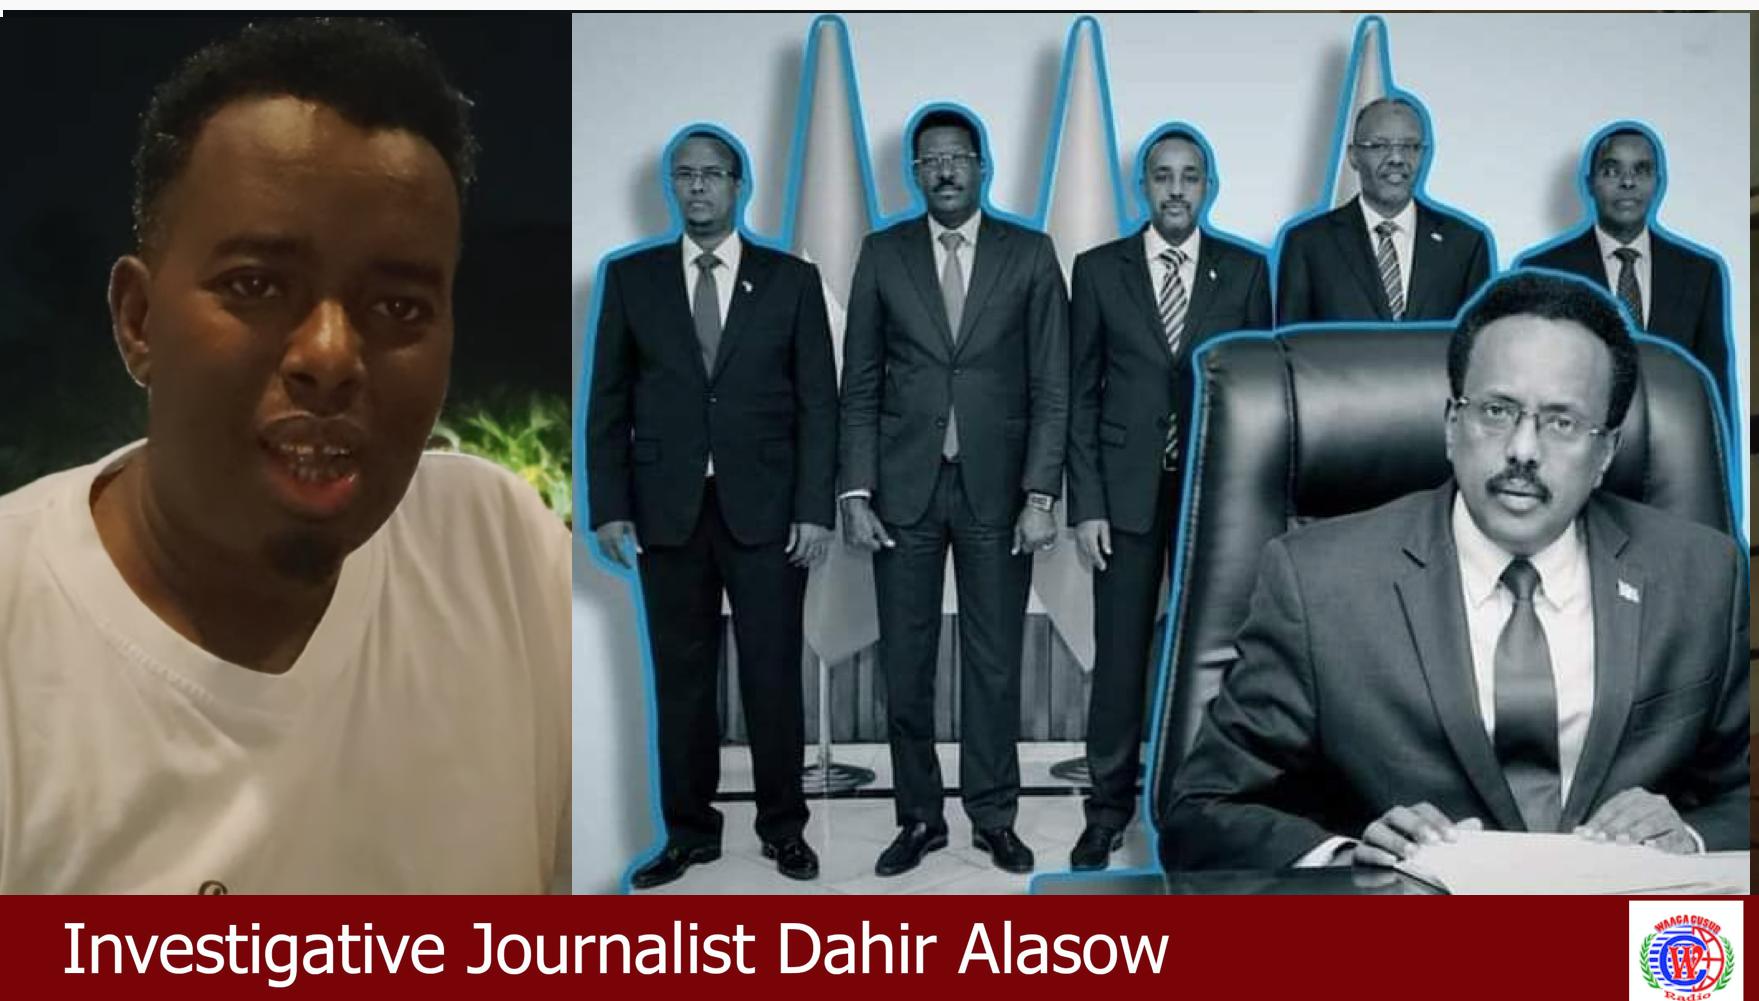 [Daawo] Farmaajo oo bahdilay Qoor Qoor iyo Raisulwasaraha Ethiopia oo xaalad adag galay